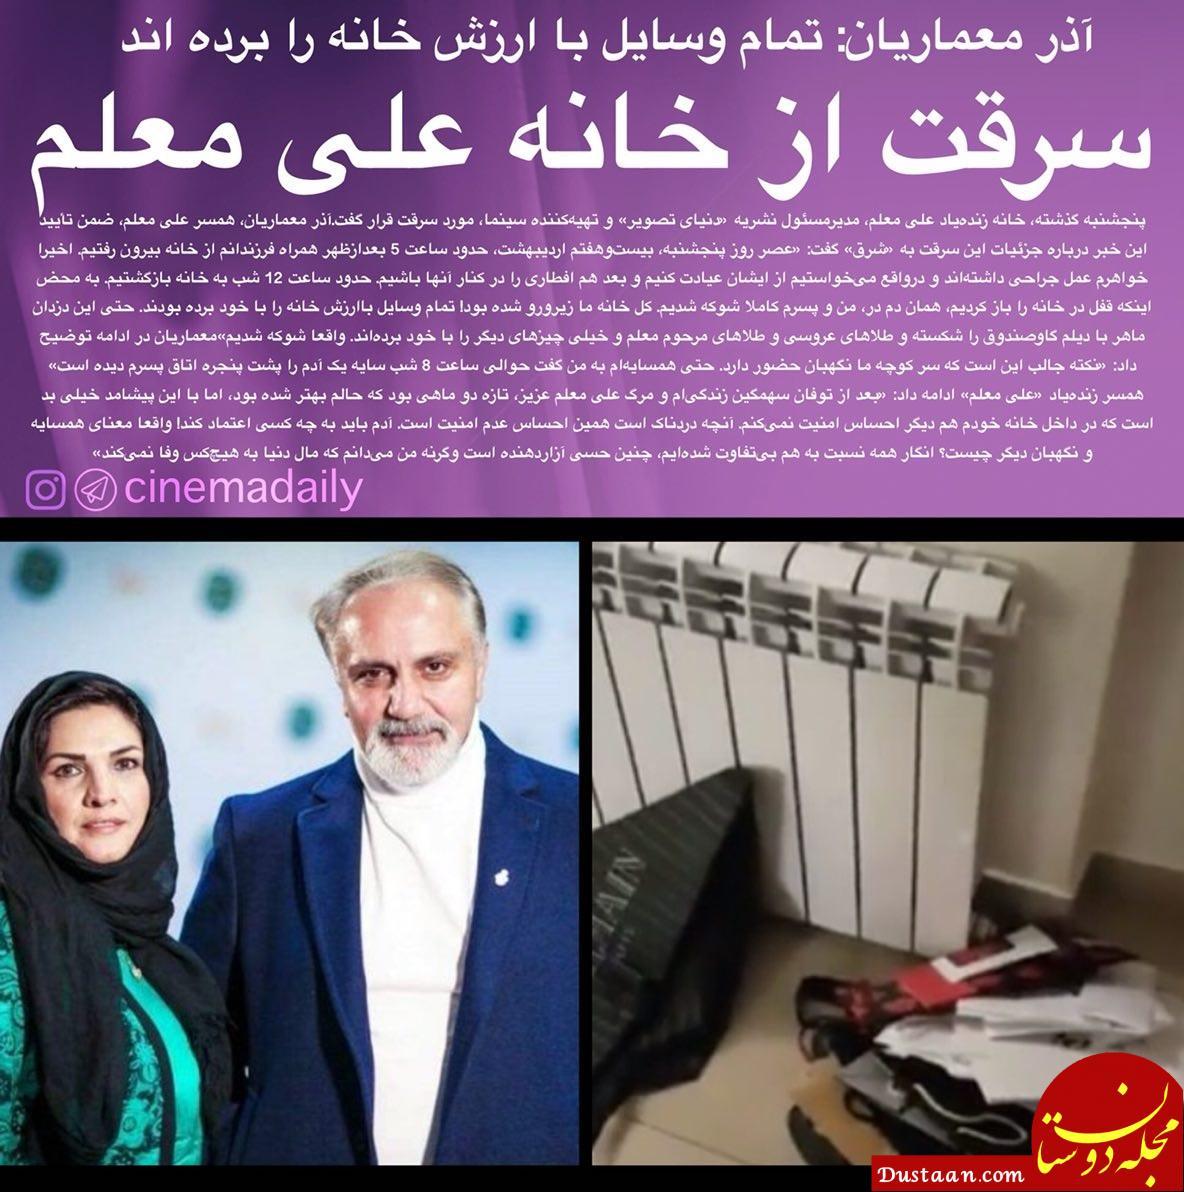 سرقت از خانه علی معلم/ آذر معماریان: تمام وسایل با ارزش خانه را برده اند